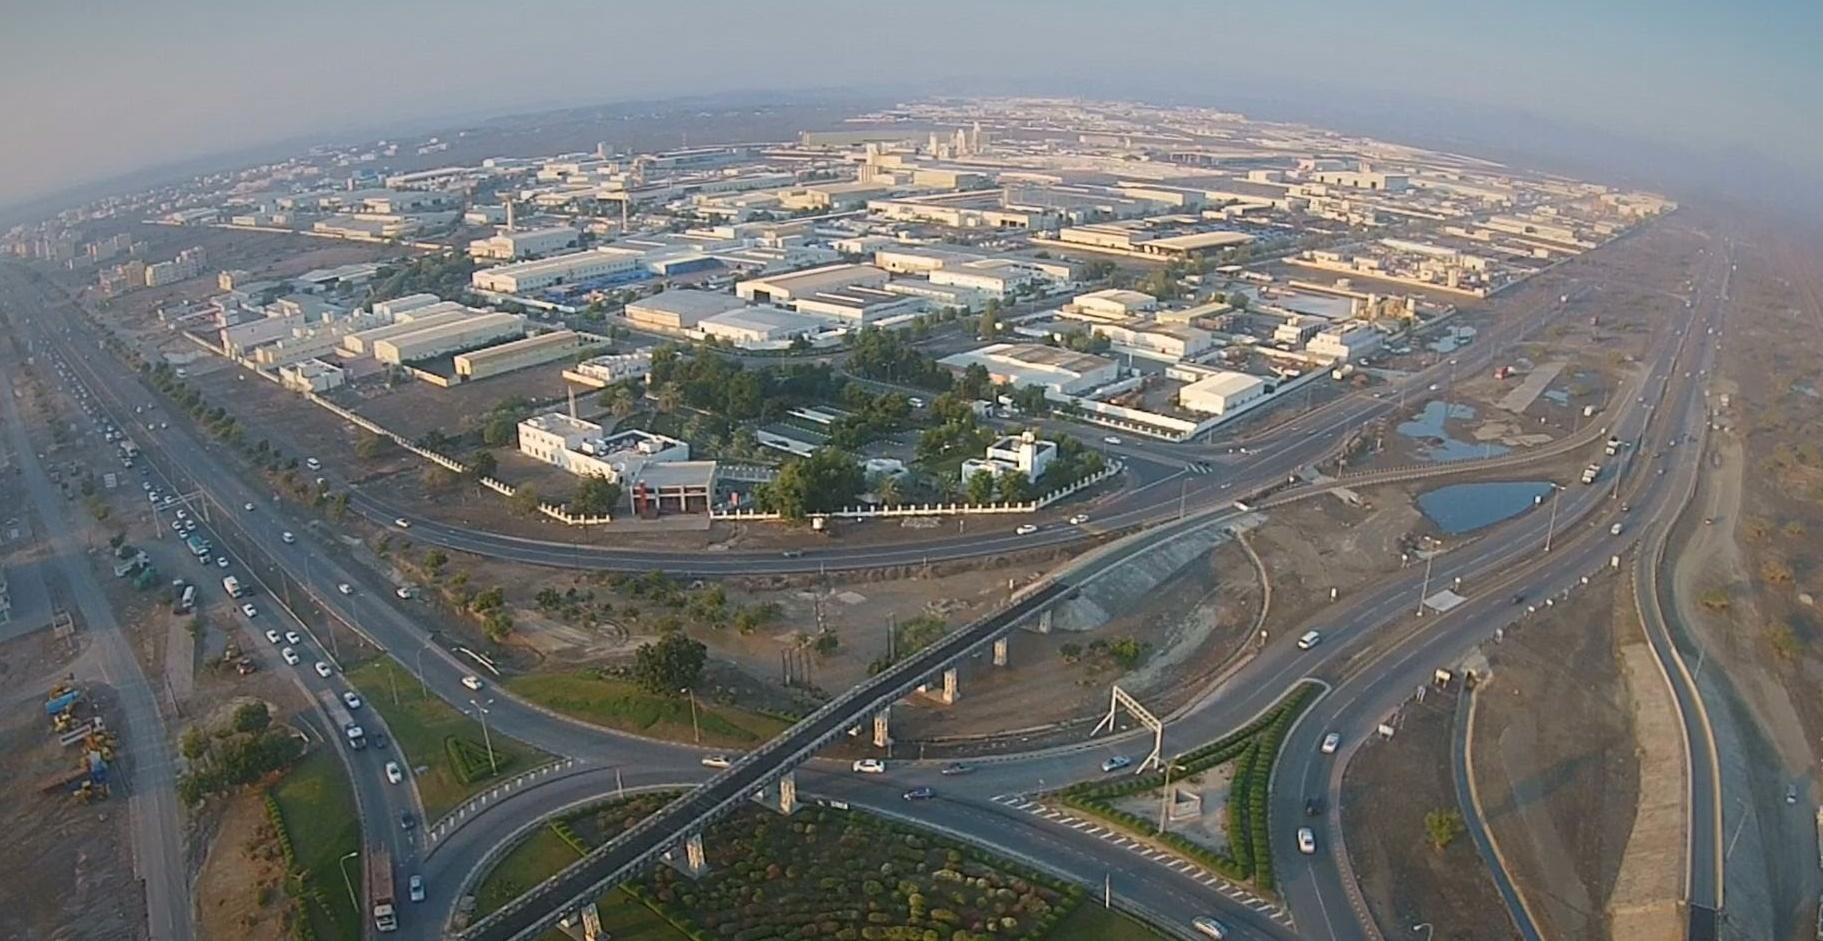 صحيفة أمريكية تؤكد أن السلطنة أكثر البلدان استقرارا في الشرق الأوسط